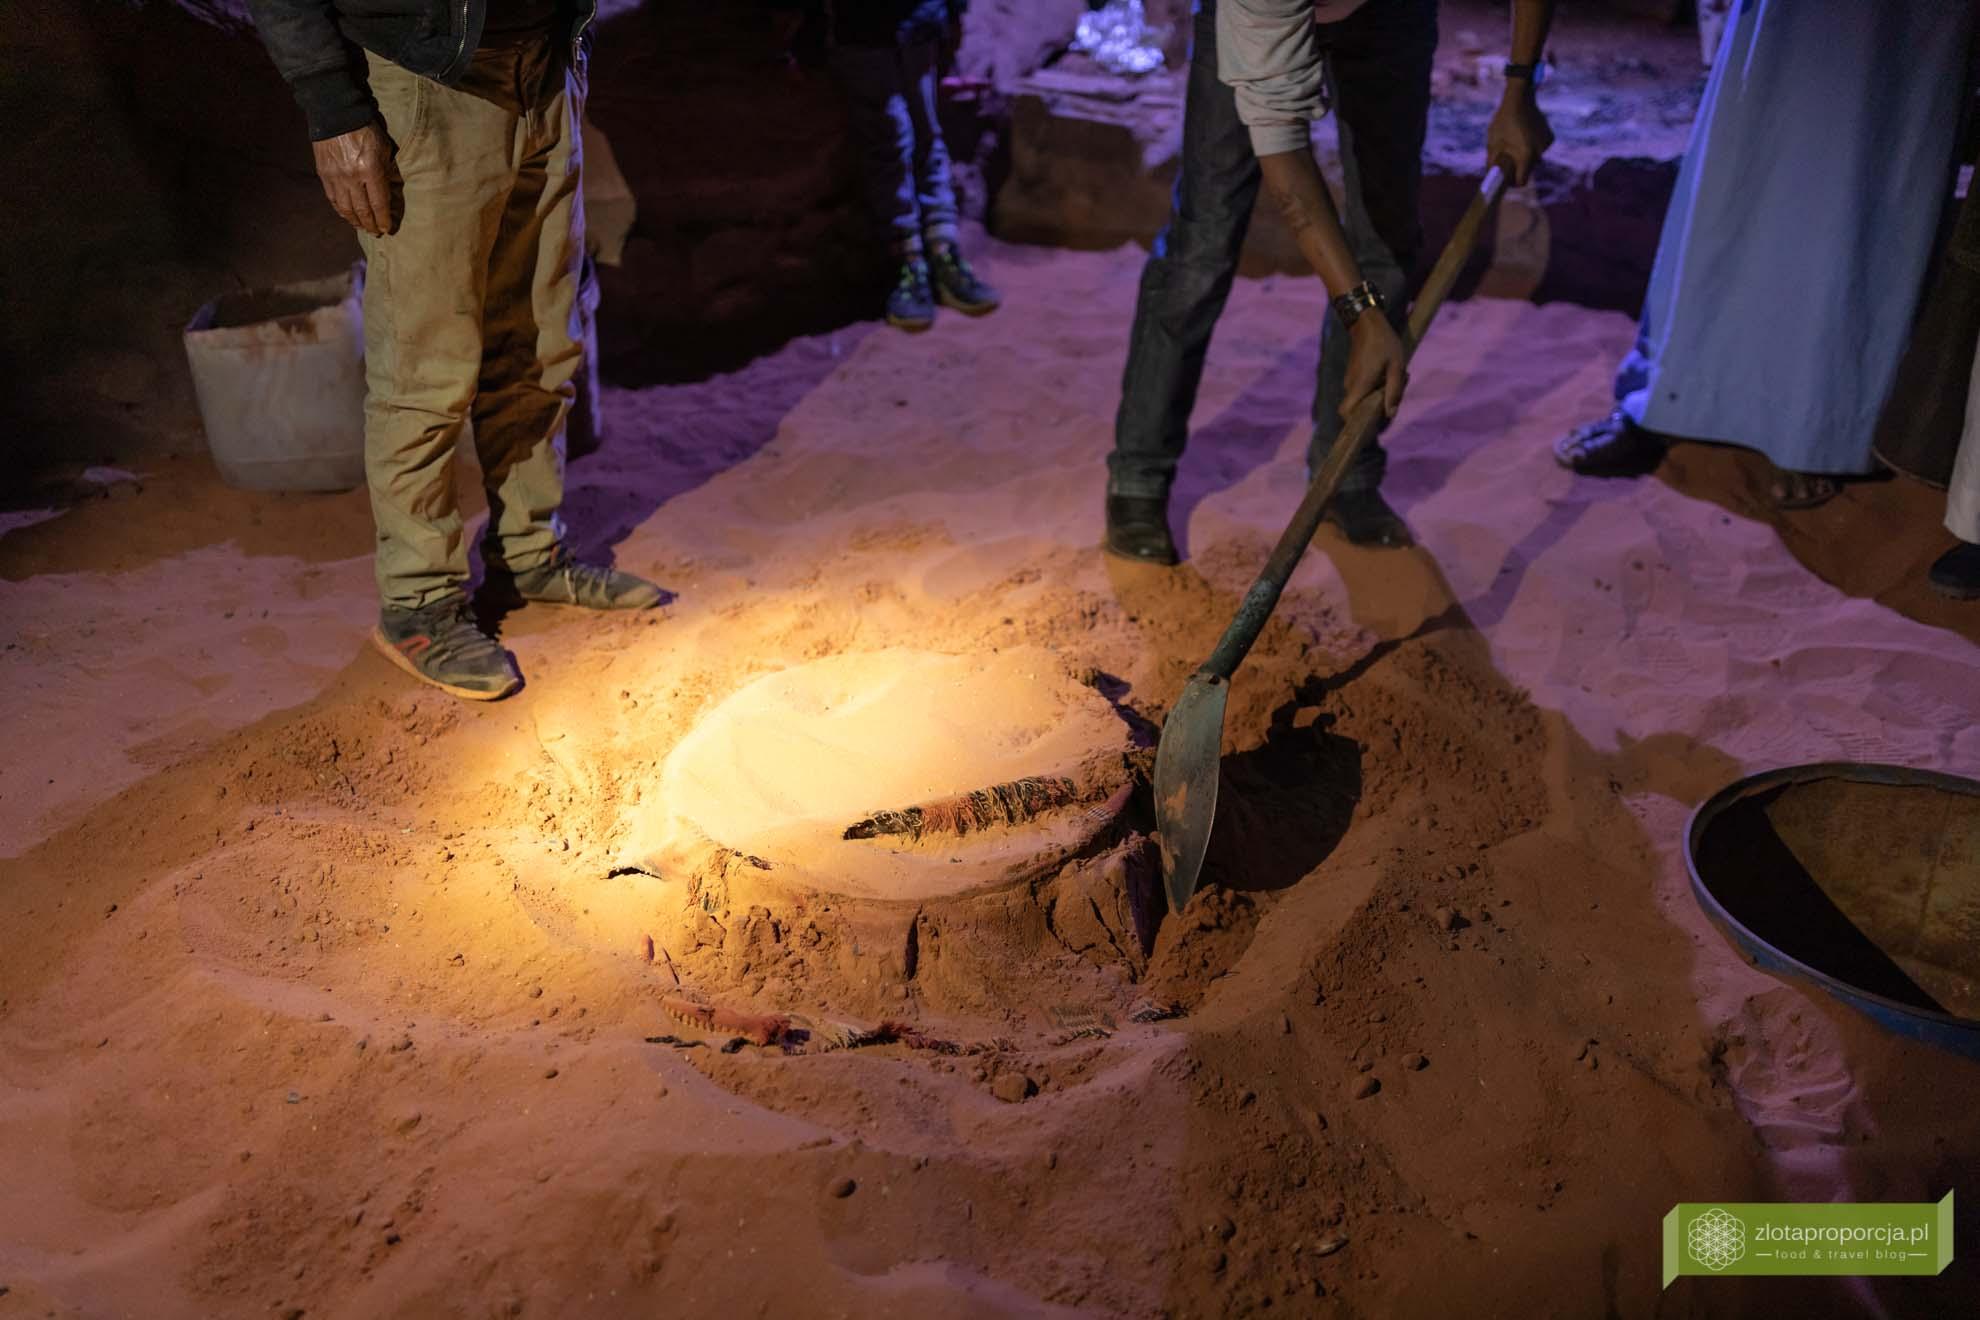 Jordania, pustynia Jordania; Jordania atrakcje; zarb, grill beduiński, Beduini, kuchnia Beduinów, kuchnia Jordanii, grill na pustyni, pustynny piec;